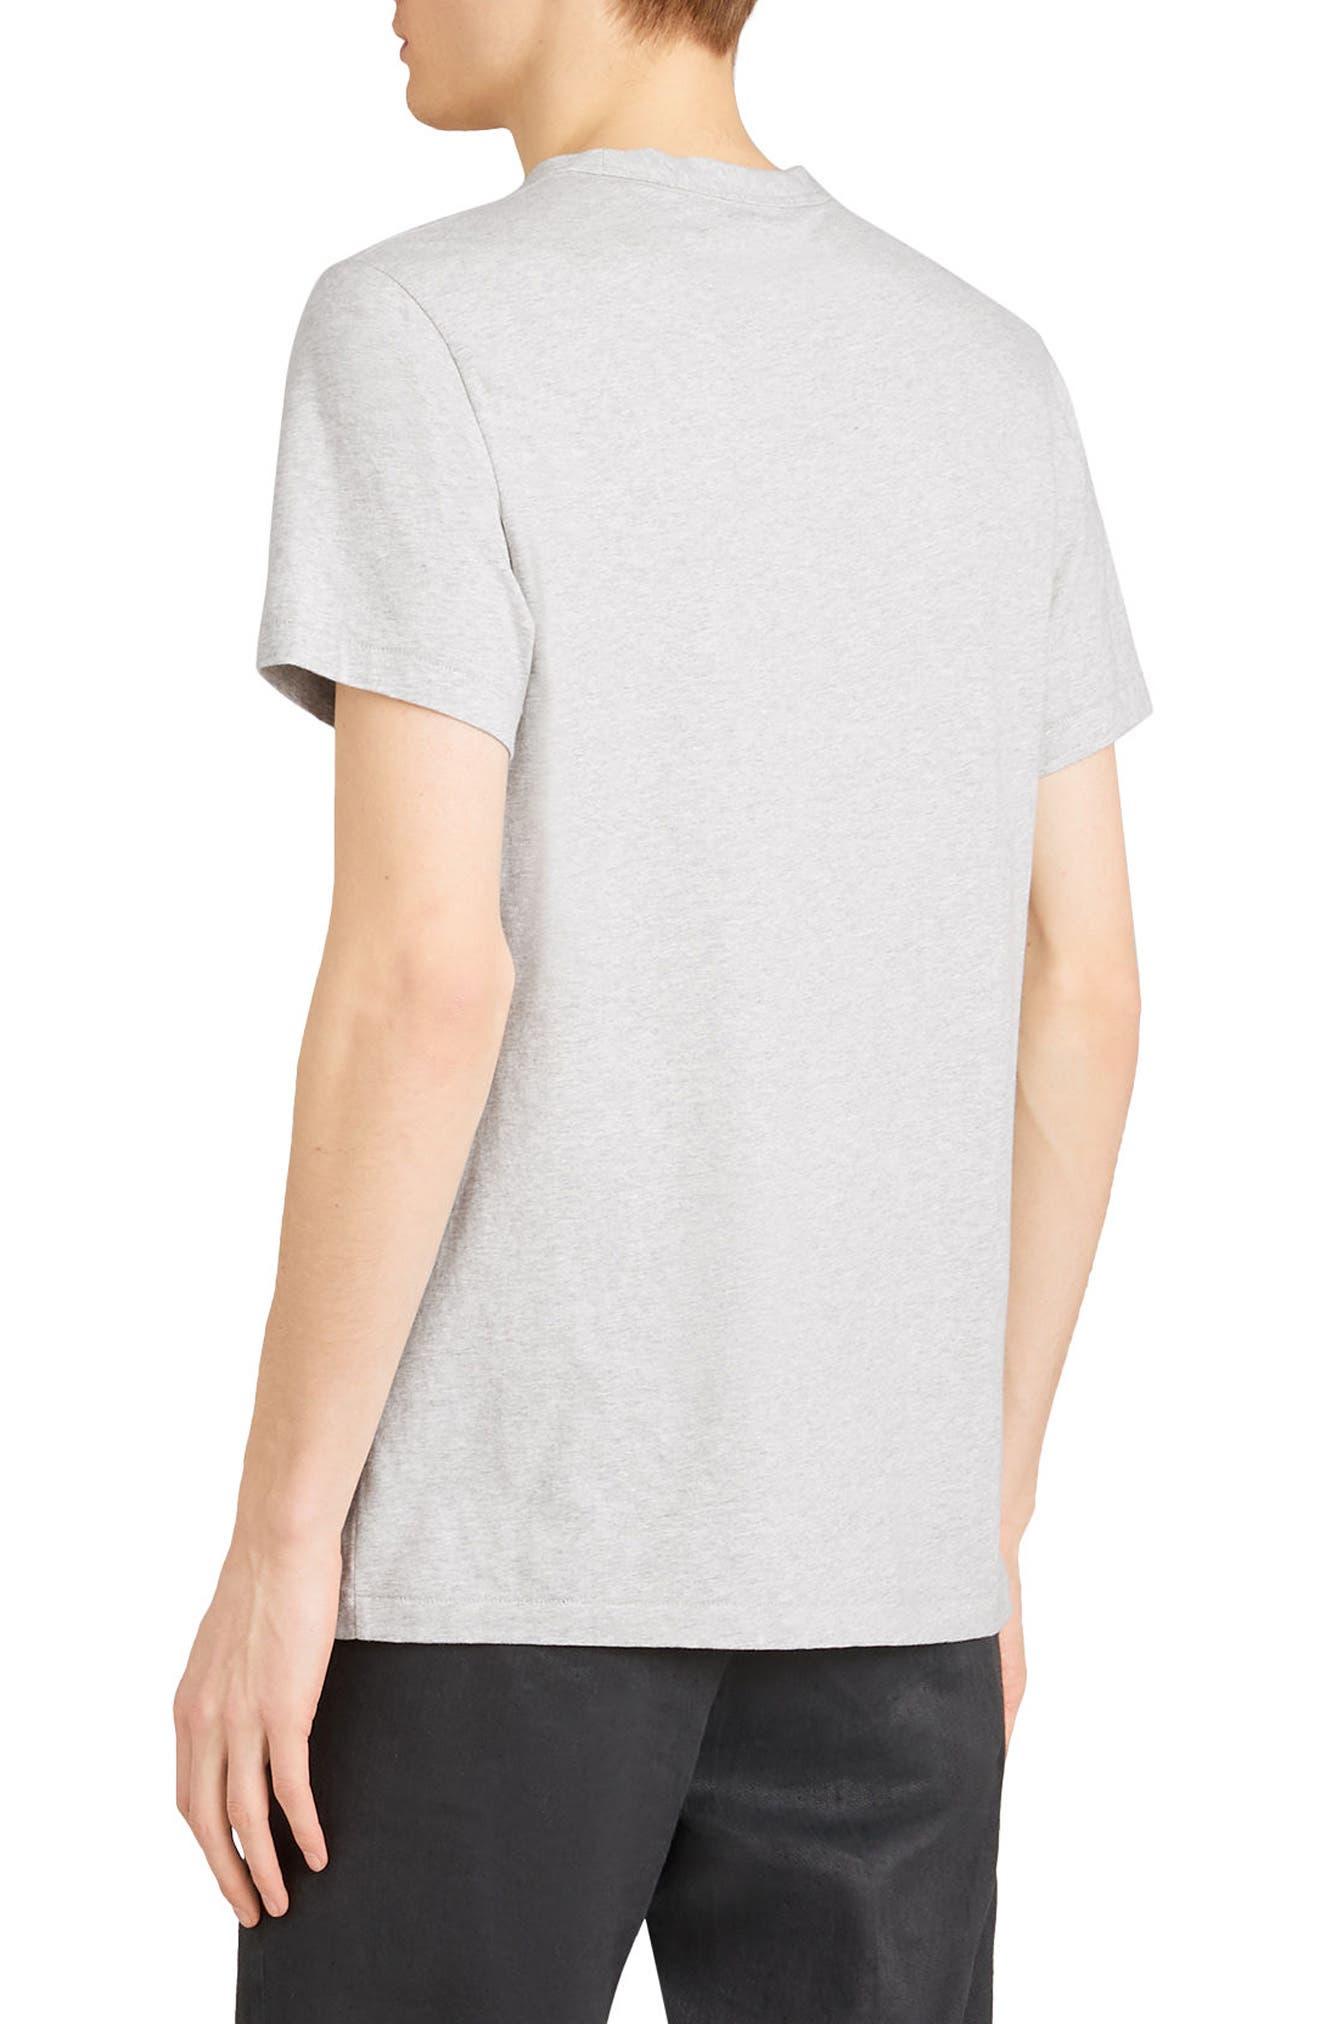 Henton T-Shirt,                             Alternate thumbnail 3, color,                             050